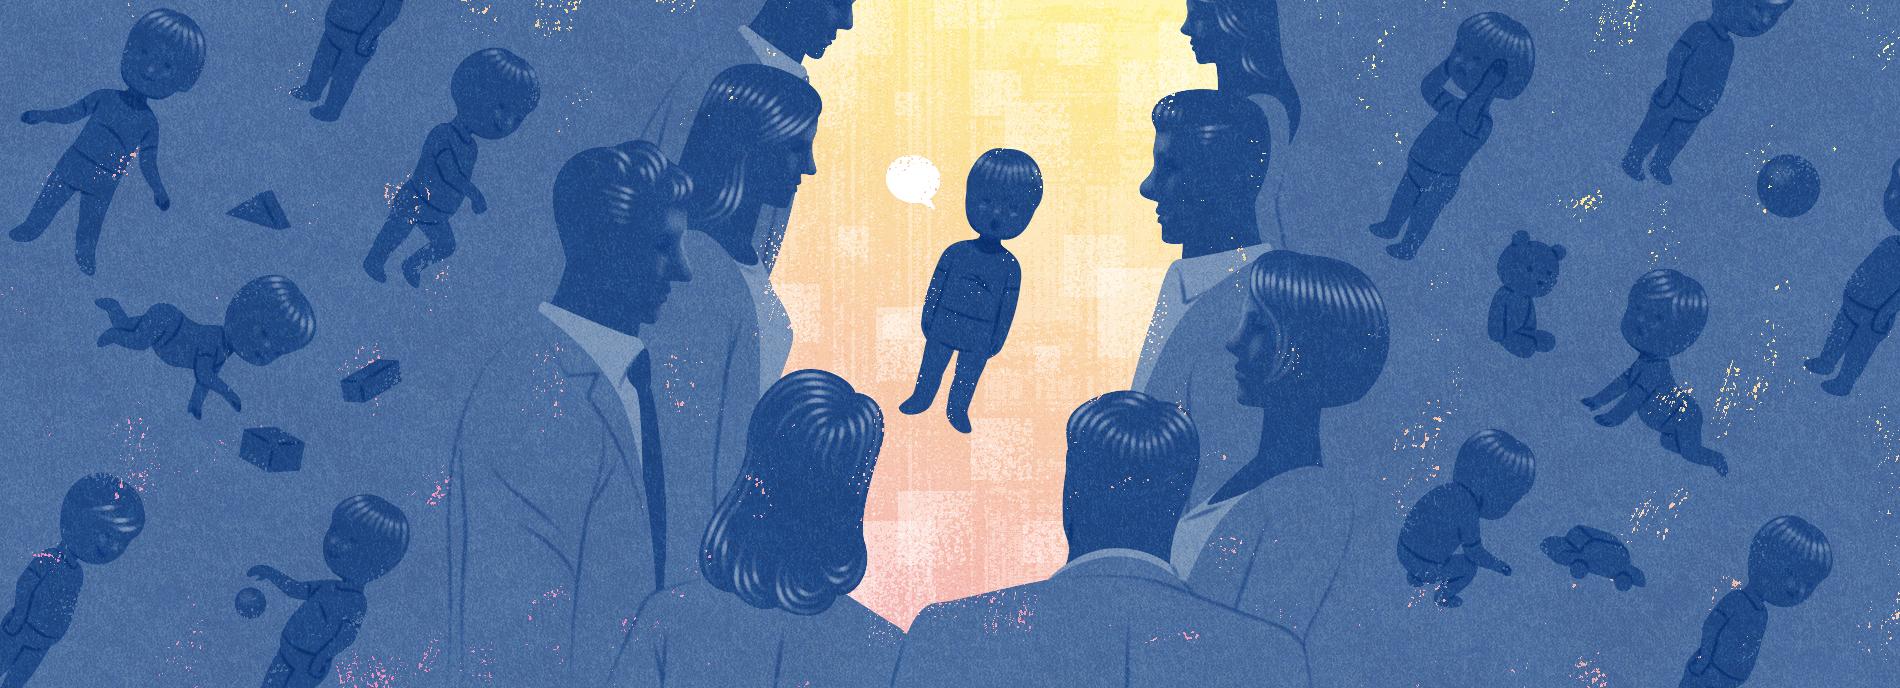 Kasvetli Bir Günde Doğmak: Bir Otizmli Dahinin, Olağanüstü Zihninin İç Tarafı., İLK EVİN - Özel Eğitim ve Rehabilitasyon Merkezi